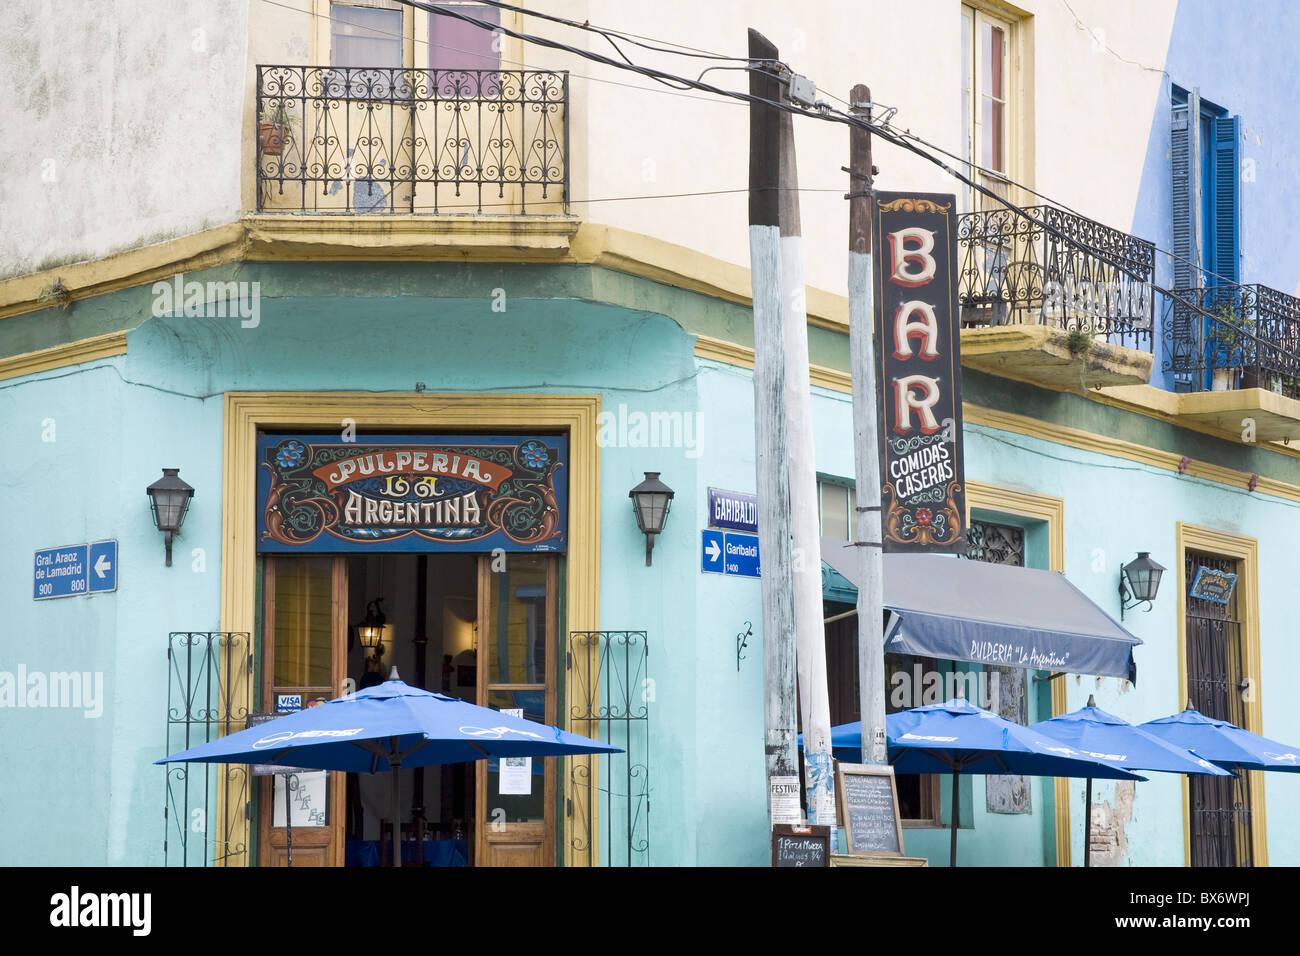 La Pulperia Argentine Bar à La Boca quartier de Buenos Aires, Argentine, Amérique du Sud Photo Stock